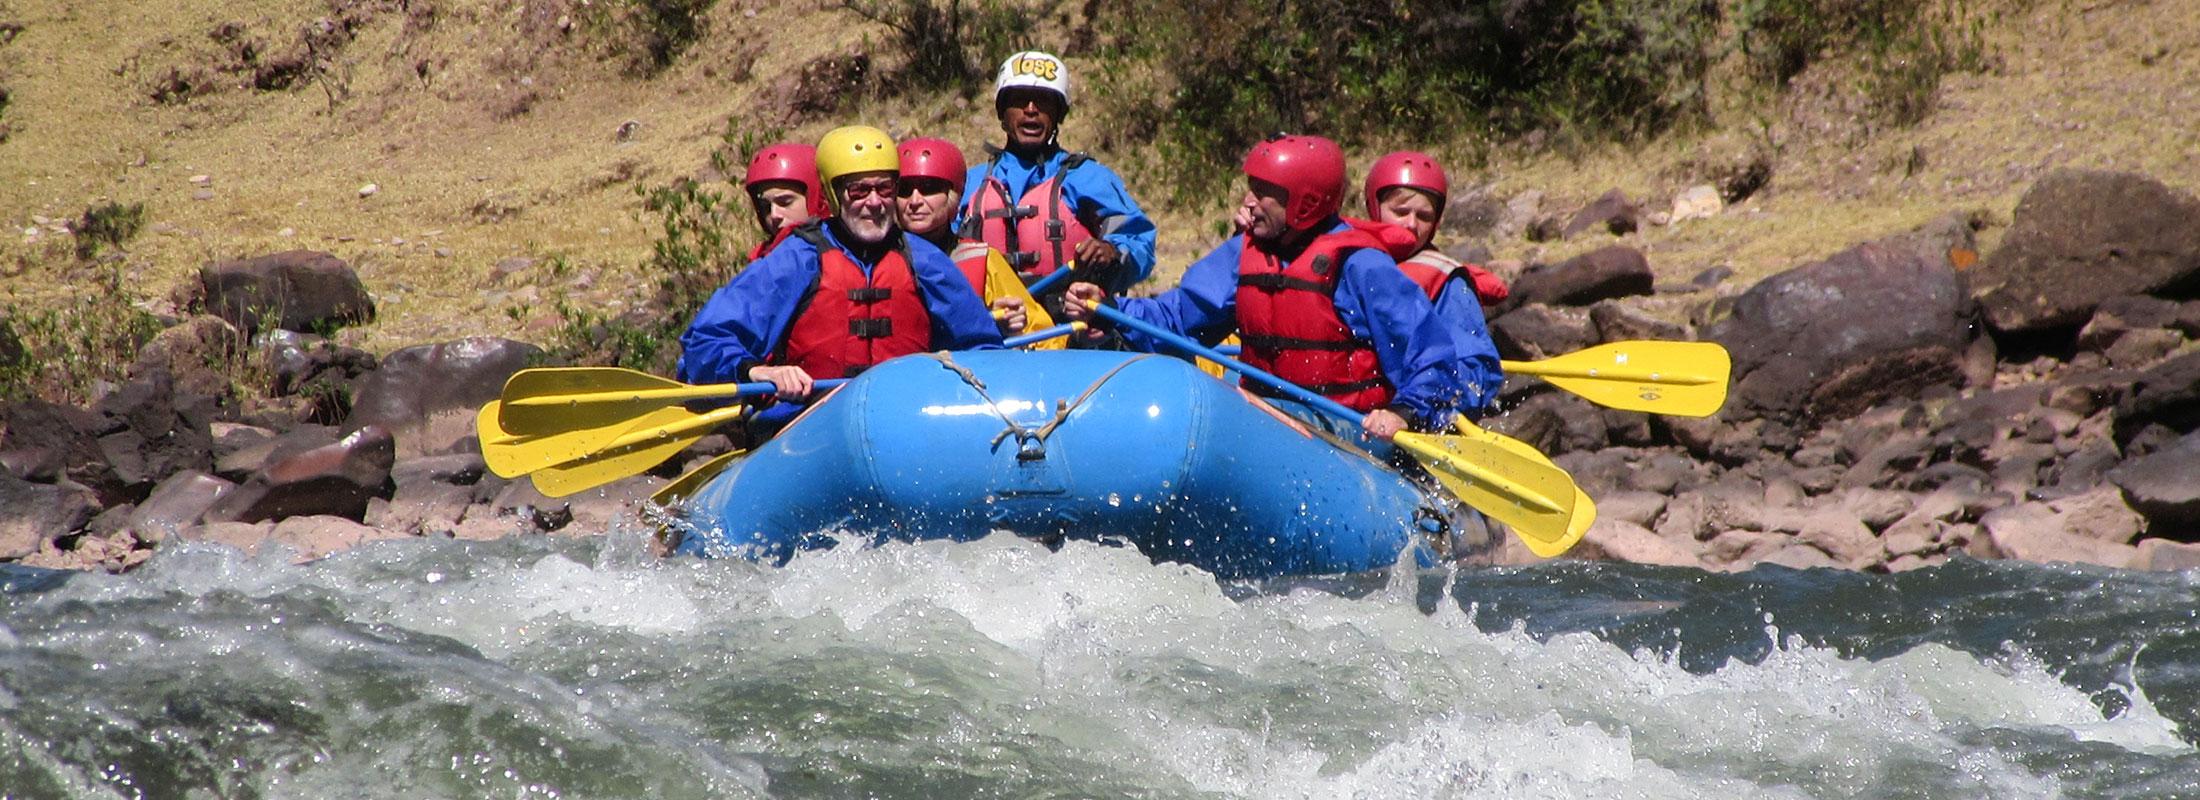 cusco peru rafting (5)